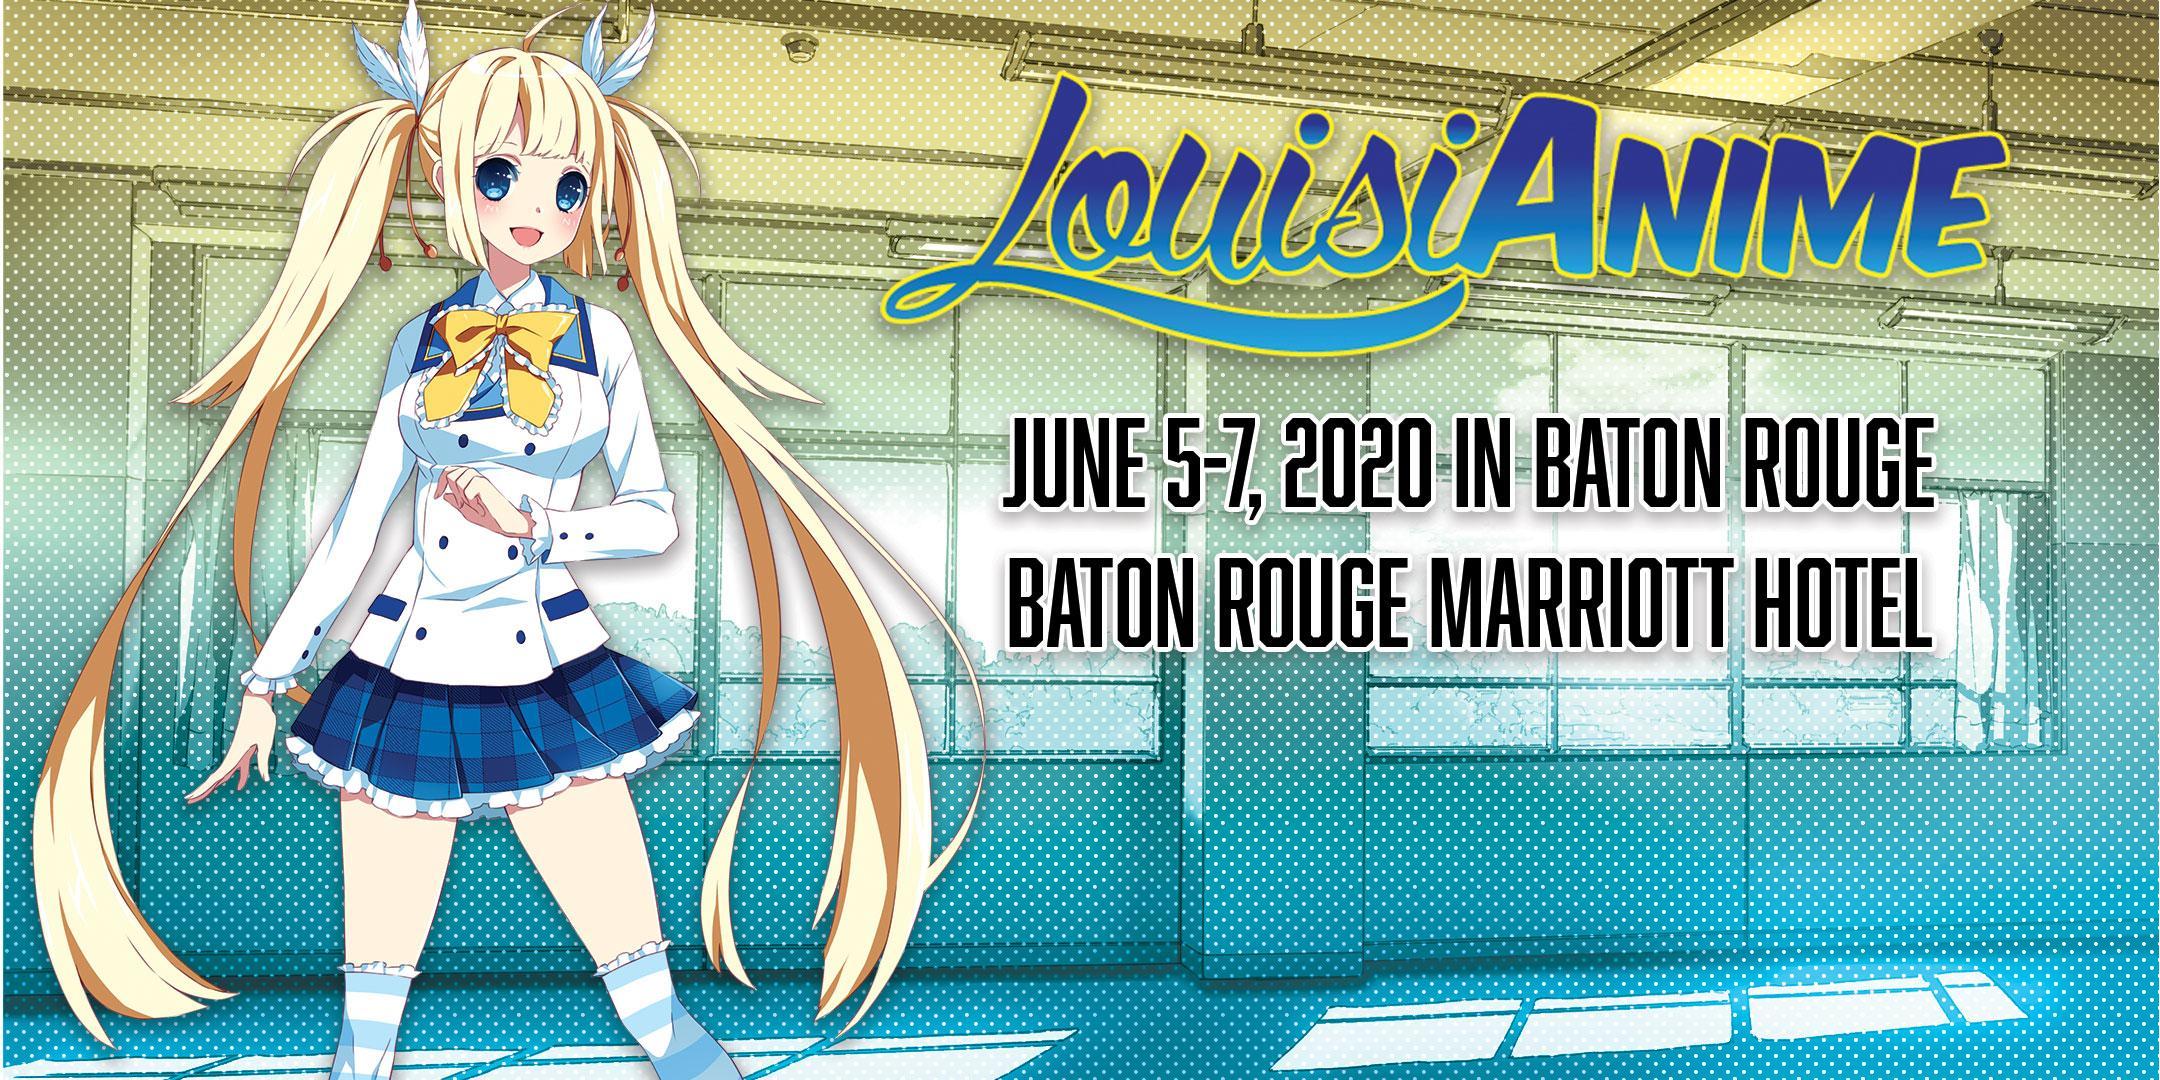 Louisianime 2020